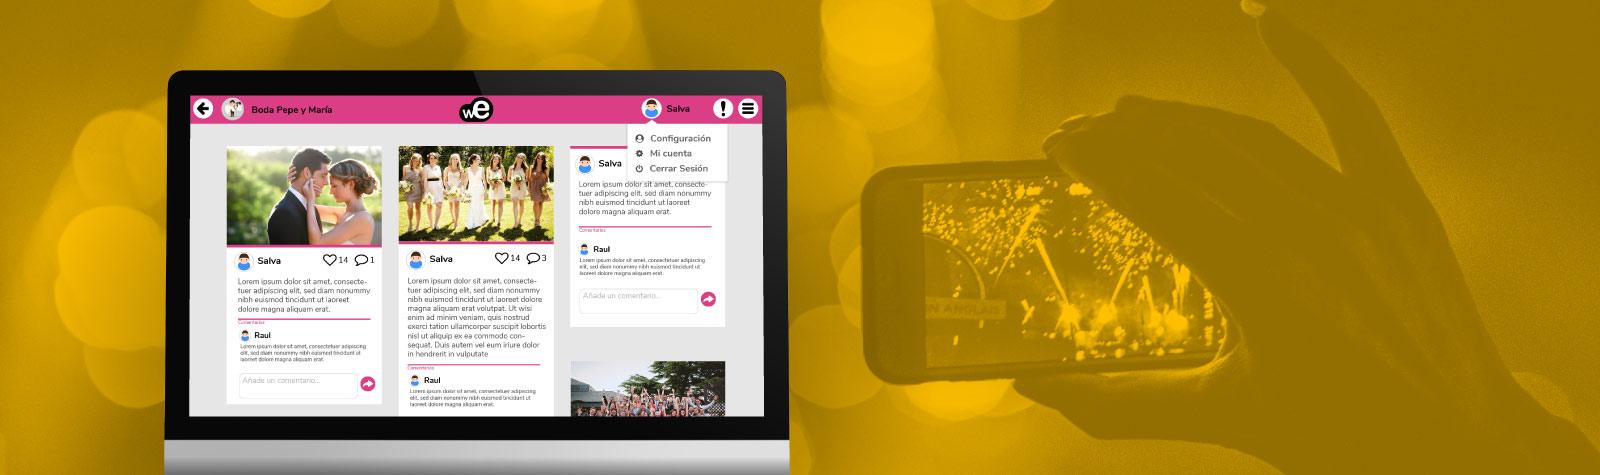 Imagen de la administración web de la app de Weevento